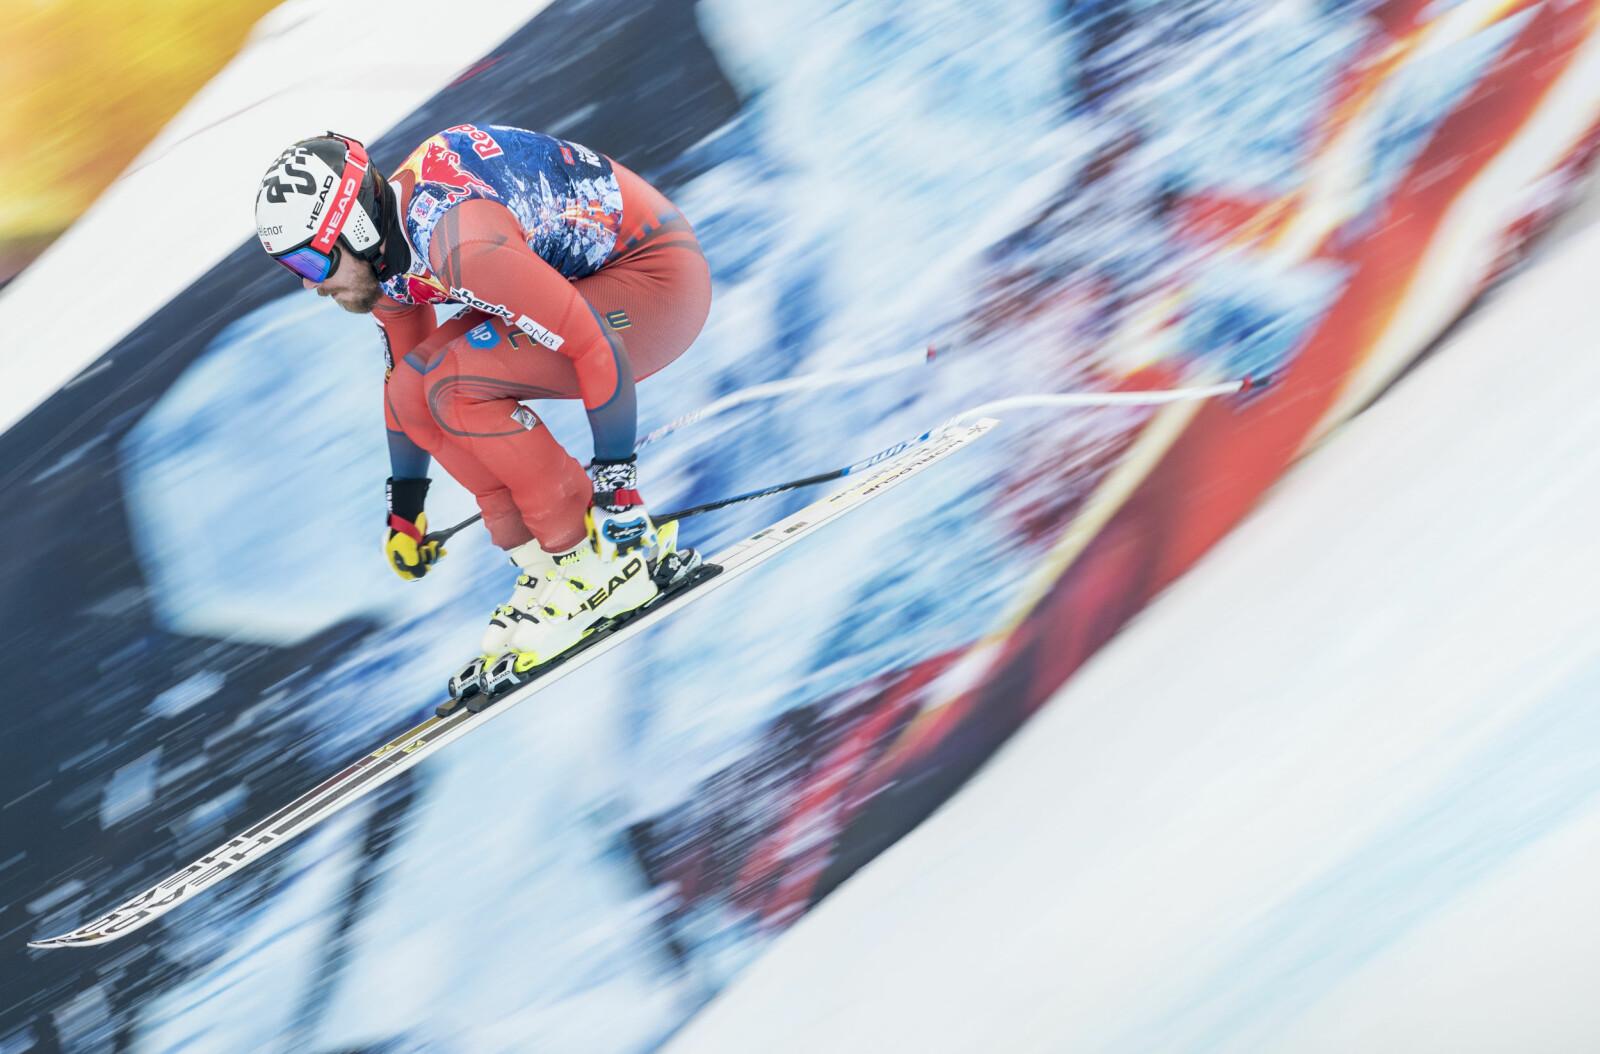 <b>VUNNET:</b> Kjetil Jansrud vant utfor i Kitzbühel (kort løype) i 2015. I år blir det ikke noe Hahnenkamm-renn på Jansrud som brakk to fingre under tirsdagens utfortrening i Kitzbühel.